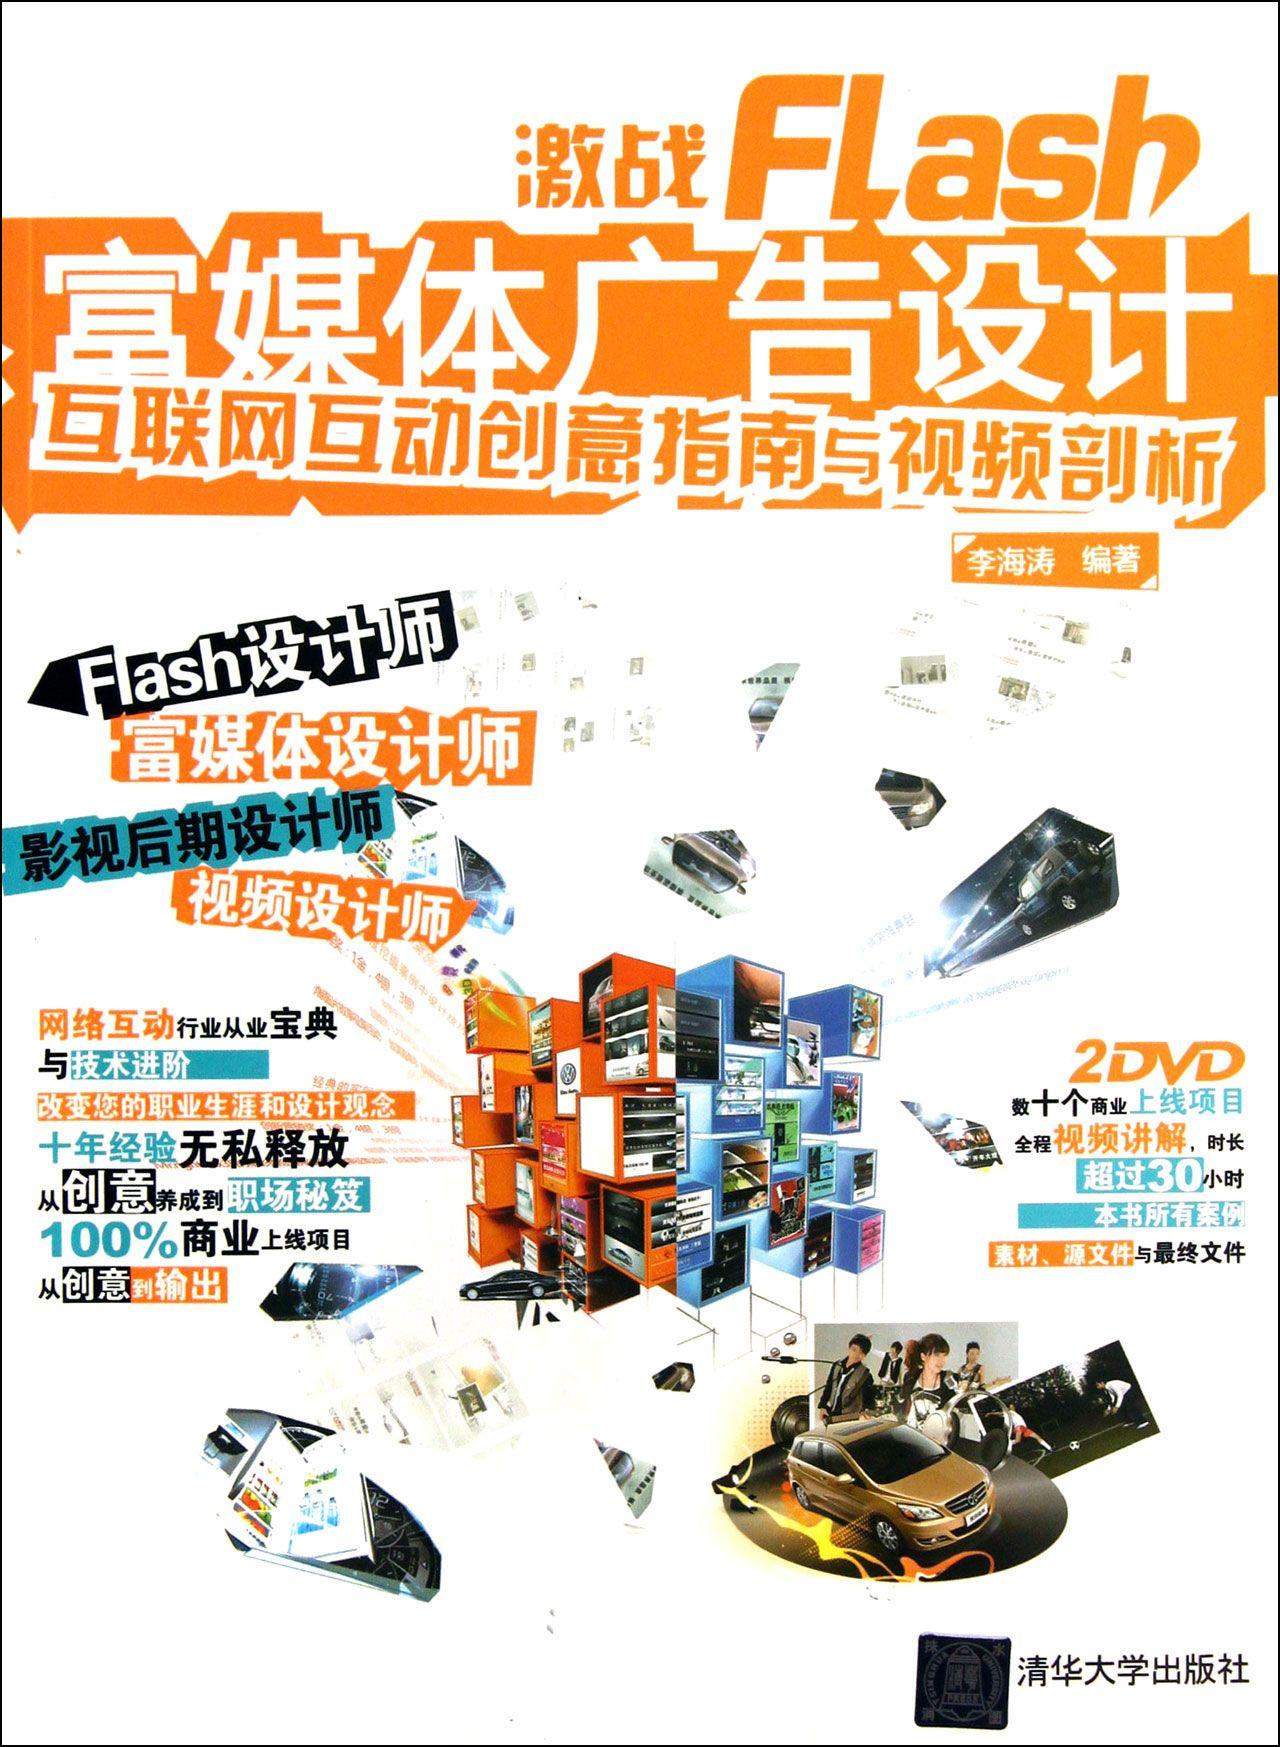 激战flash富媒体广告设计(附光盘互联网互动创意指南与视频剖析)图片